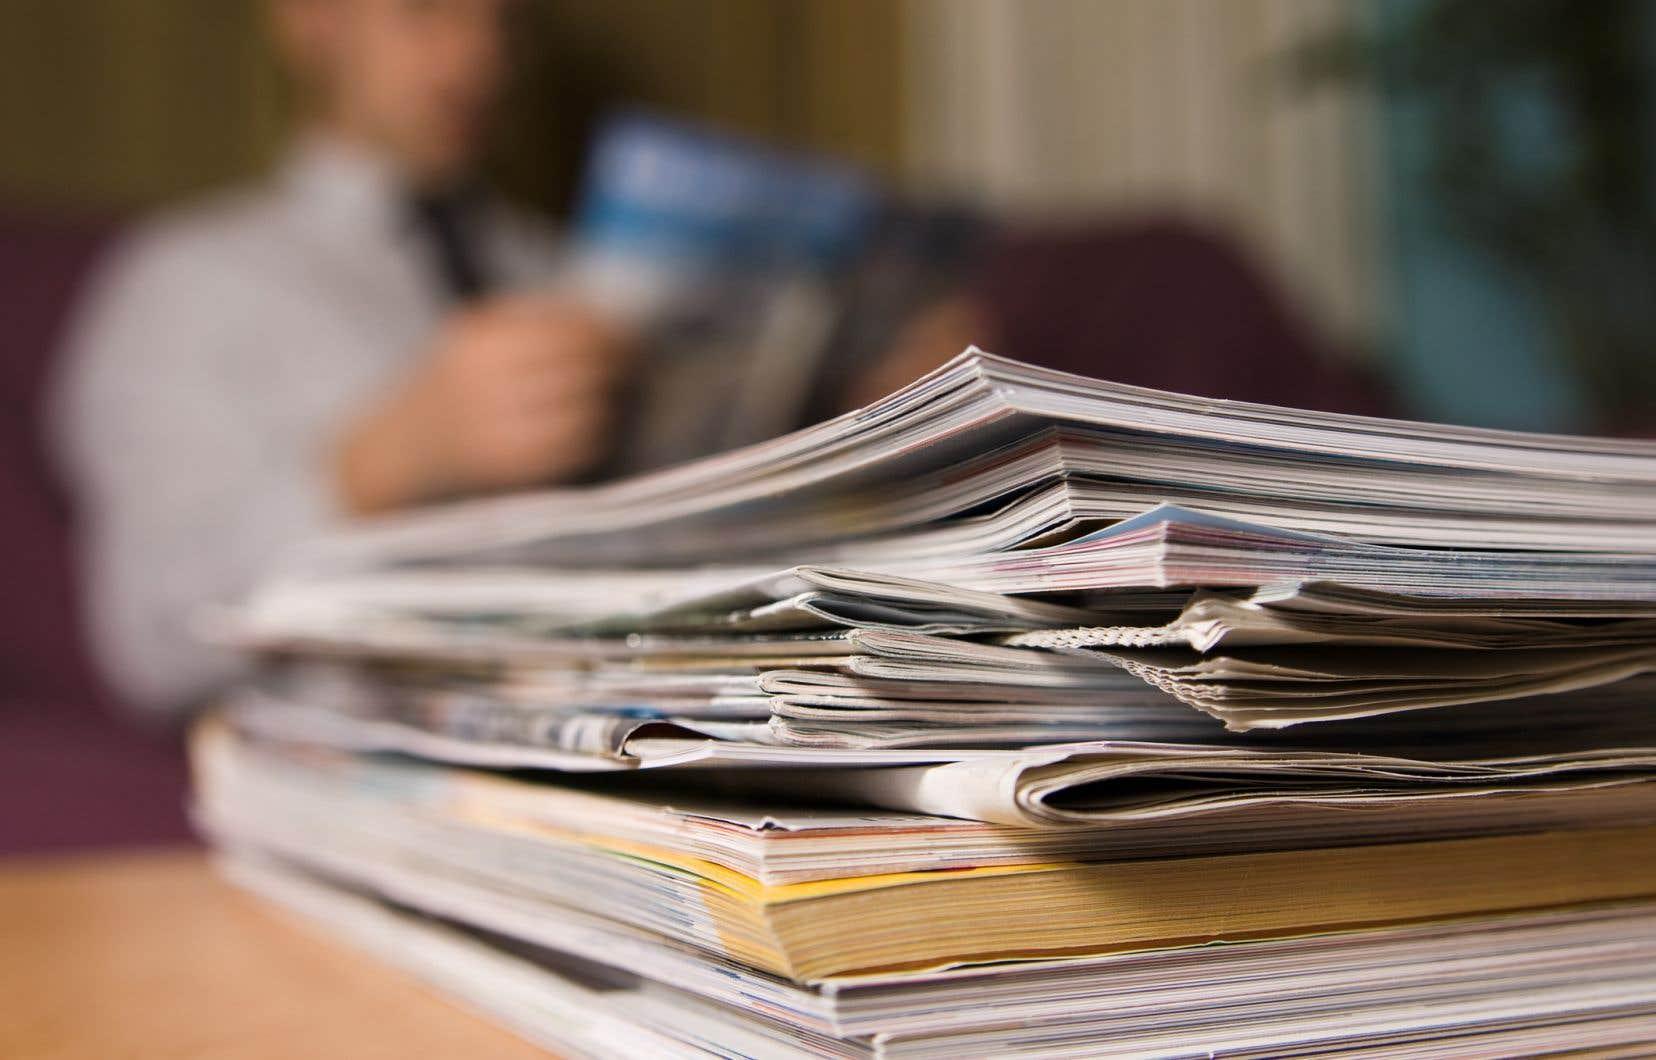 Les 27 membres du comité éditorial du magazine «Journal of Informetrics» — qui proviennent d'universités établies dans 11 pays — ont démissionné en bloc, le 10janvier, pour protester contre les pratiques commerciales jugées abusives de leur éditeur Elsevier.